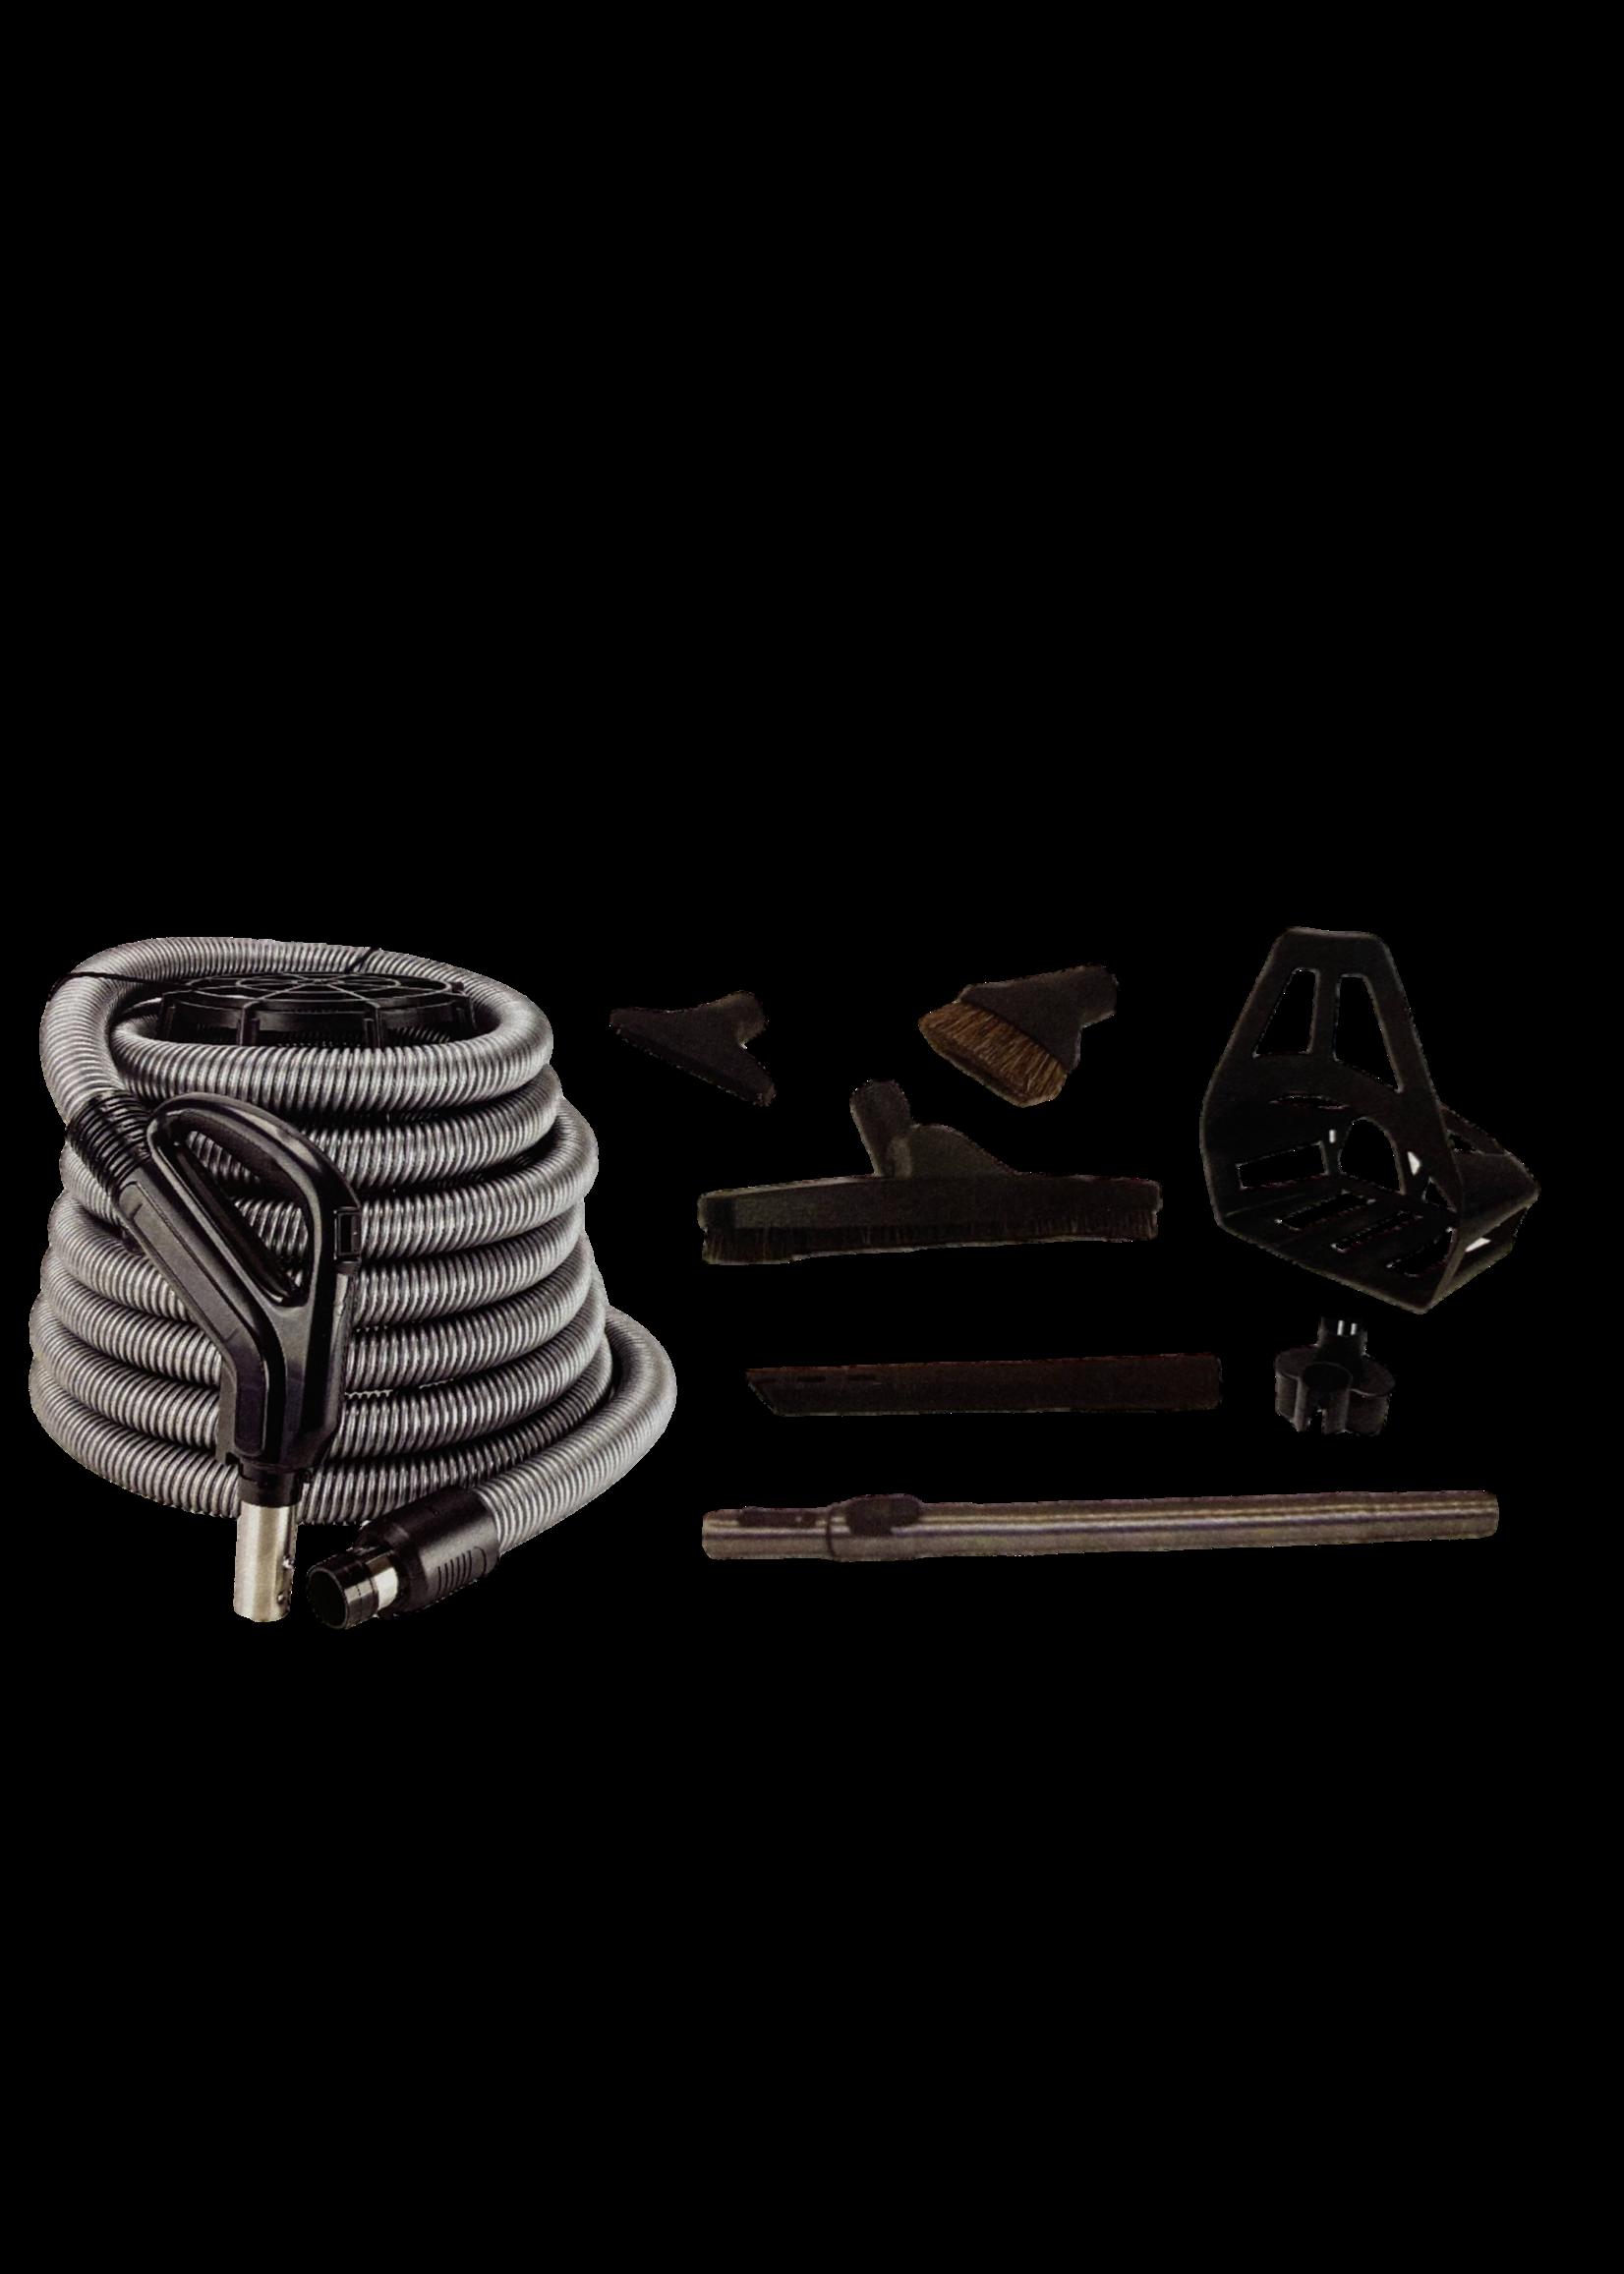 Cana-Vac CanaVac - Low Voltage Kit 30'